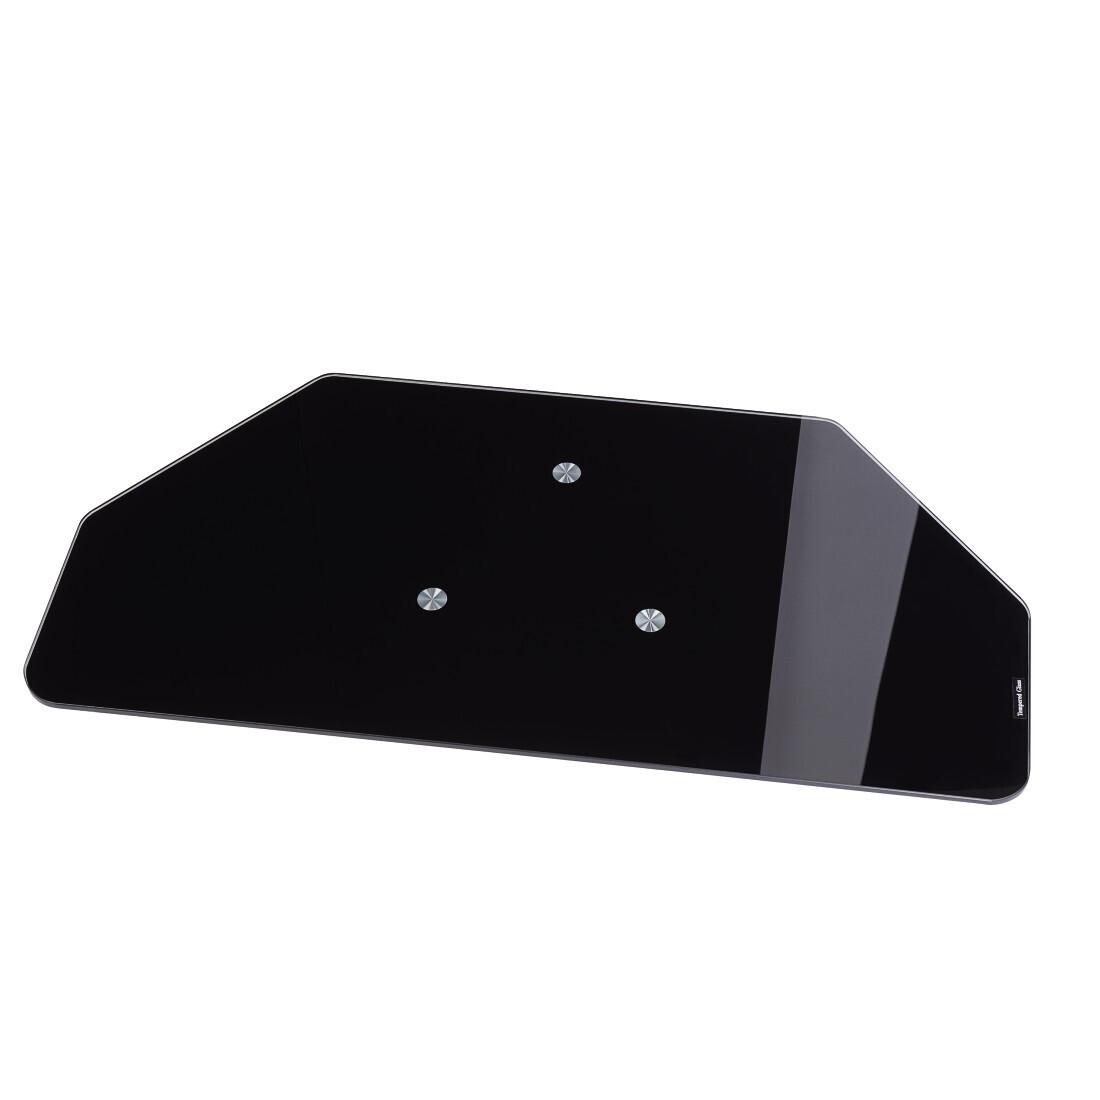 Hama Plateau rotatif pour TV LCD/Plasma, verre, Noir, jusqu'à 32